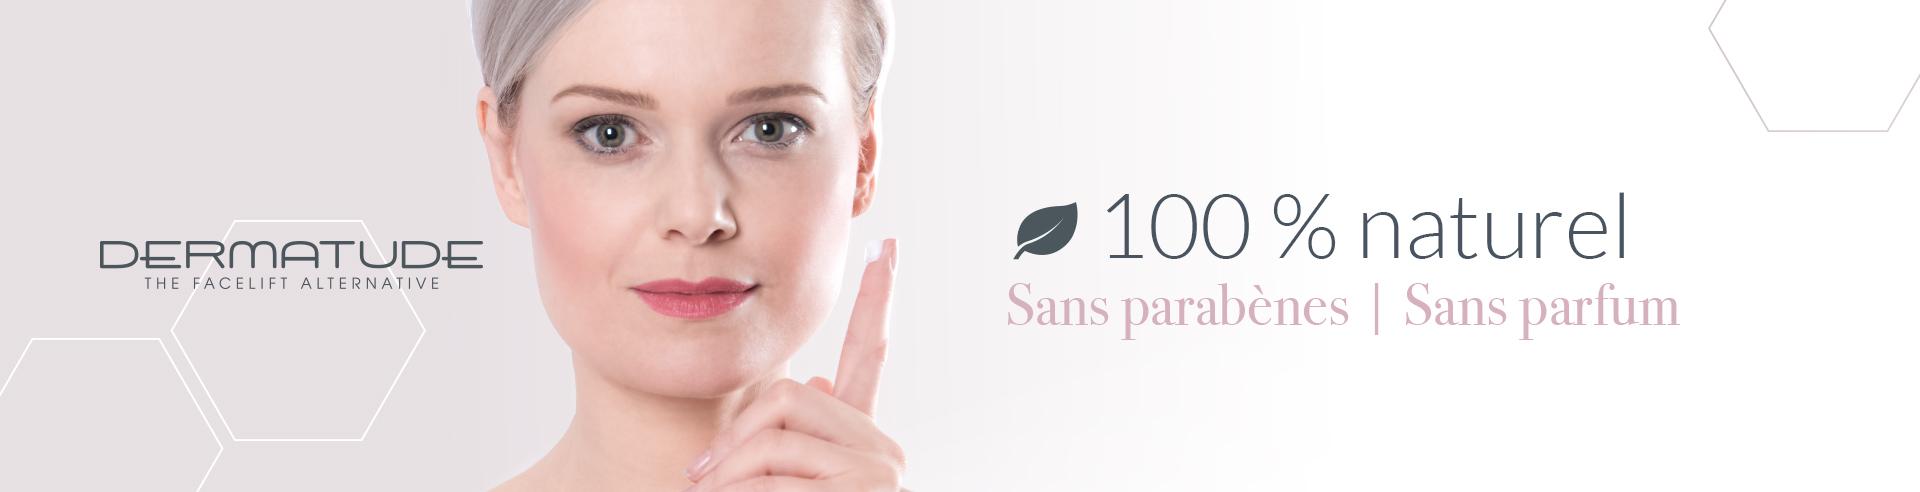 Dermatude Webbanner 100 Natural 2 1900x492 - FR